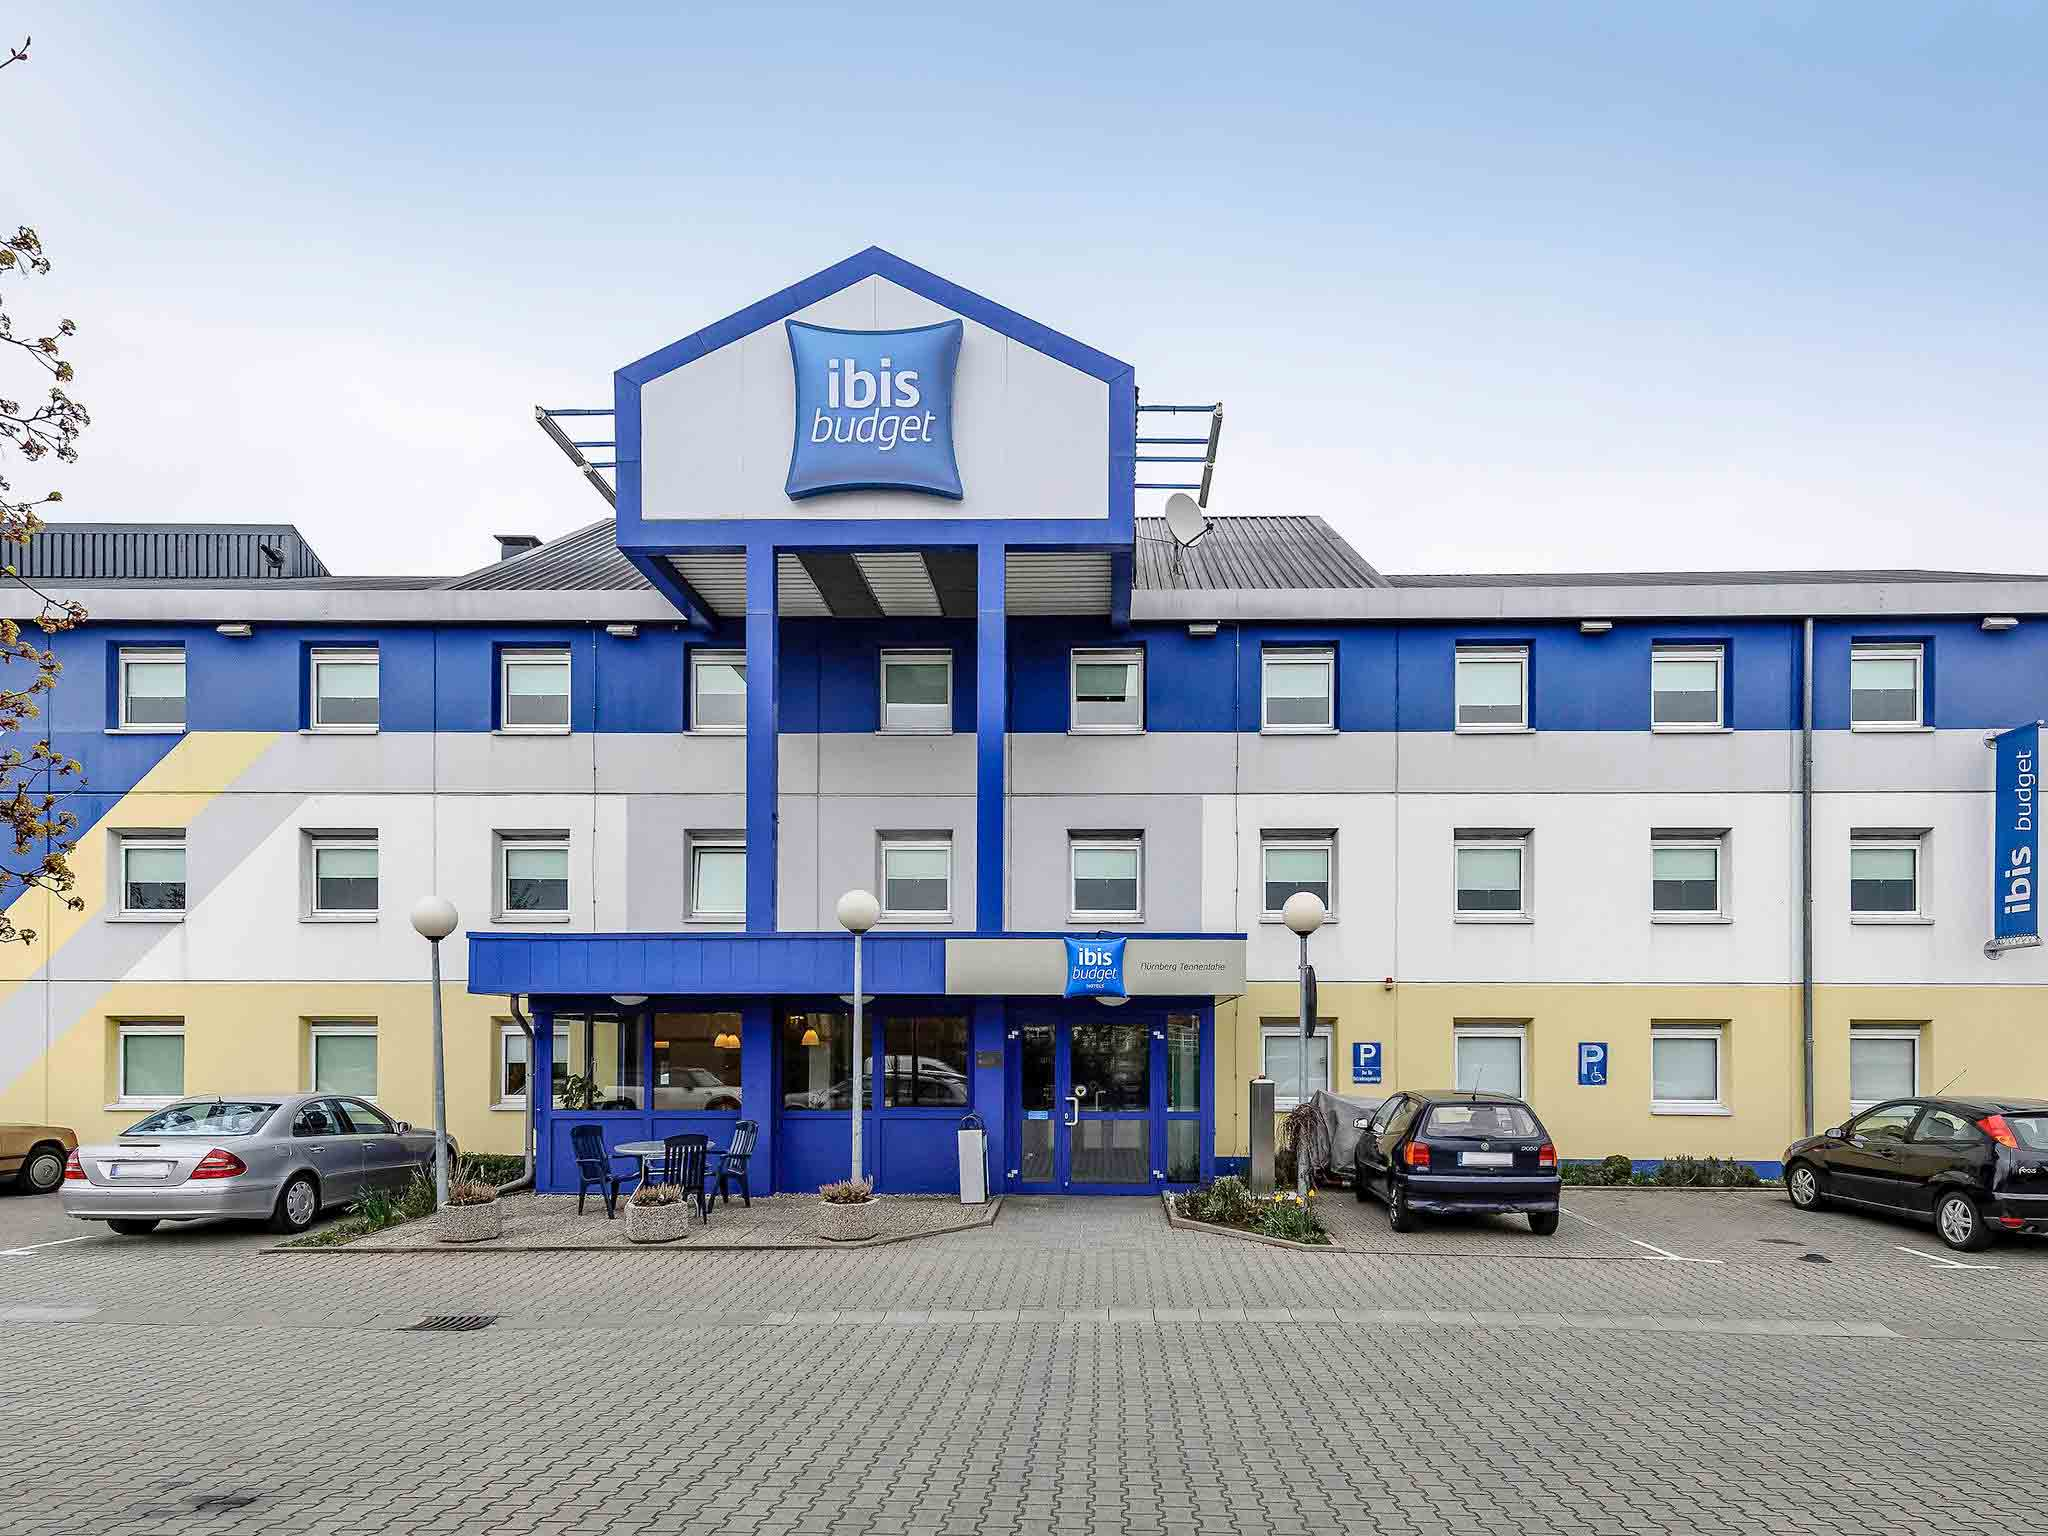 Hôtel - ibis budget Nuernberg Tennenlohe